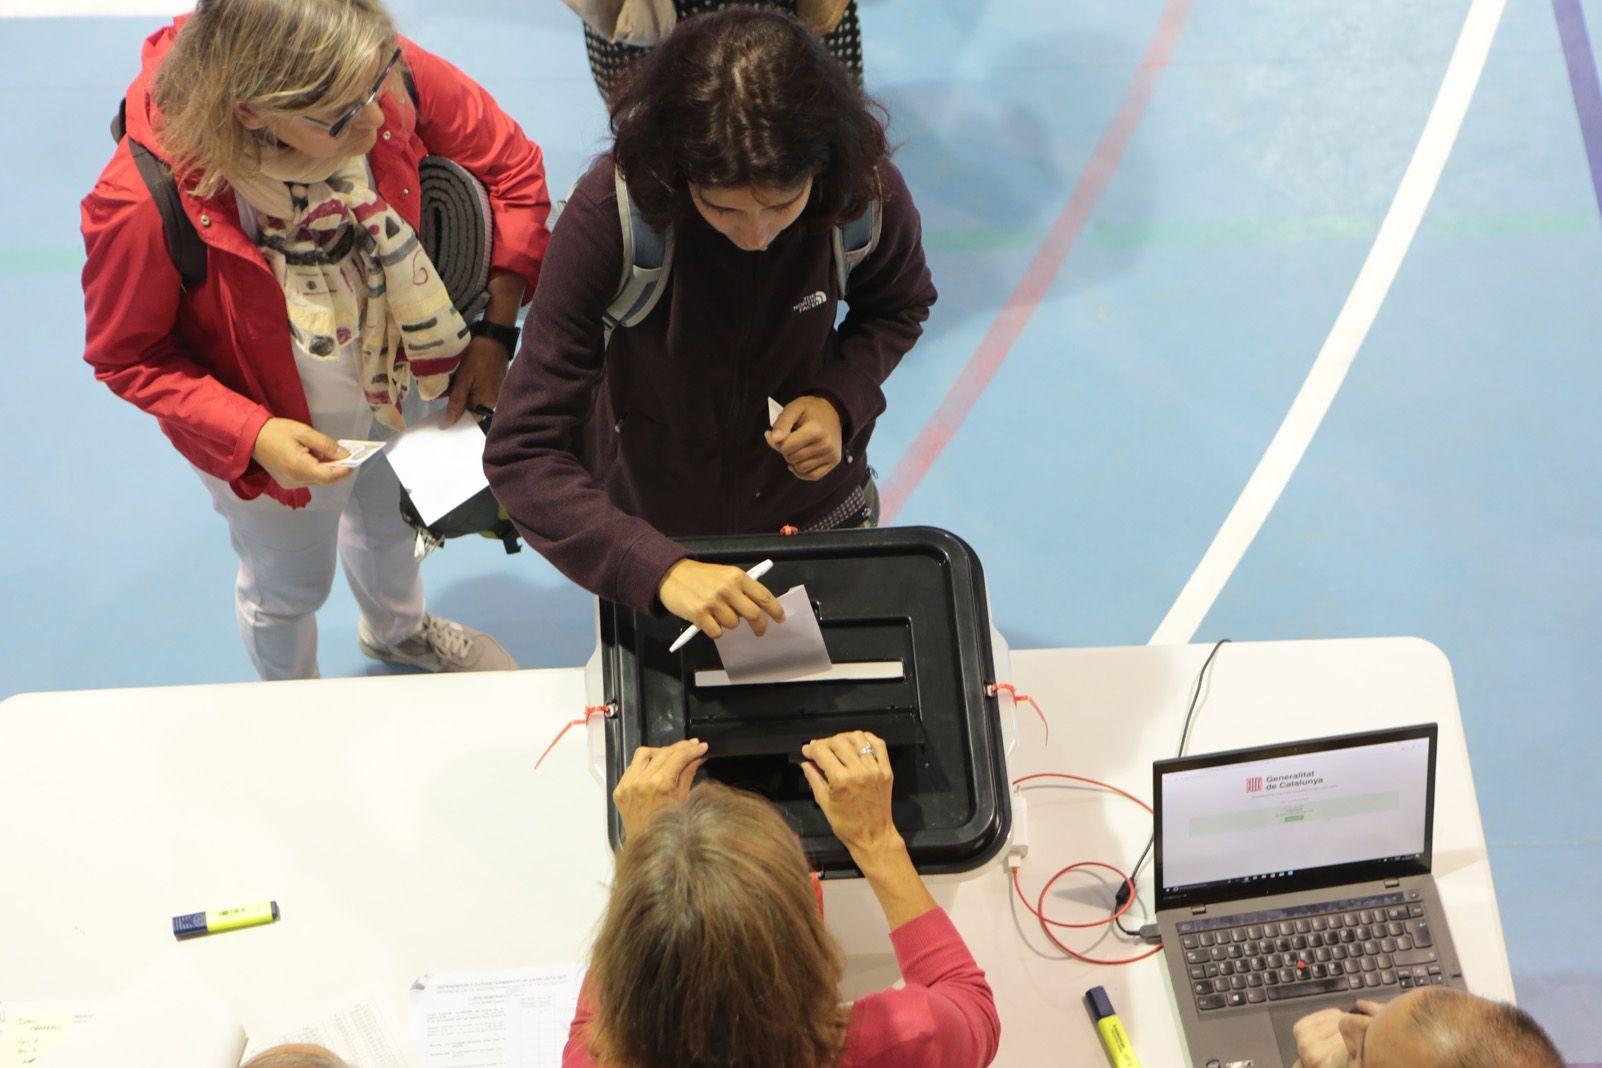 Gent votant a les escoles. Foto: Artur Rivera